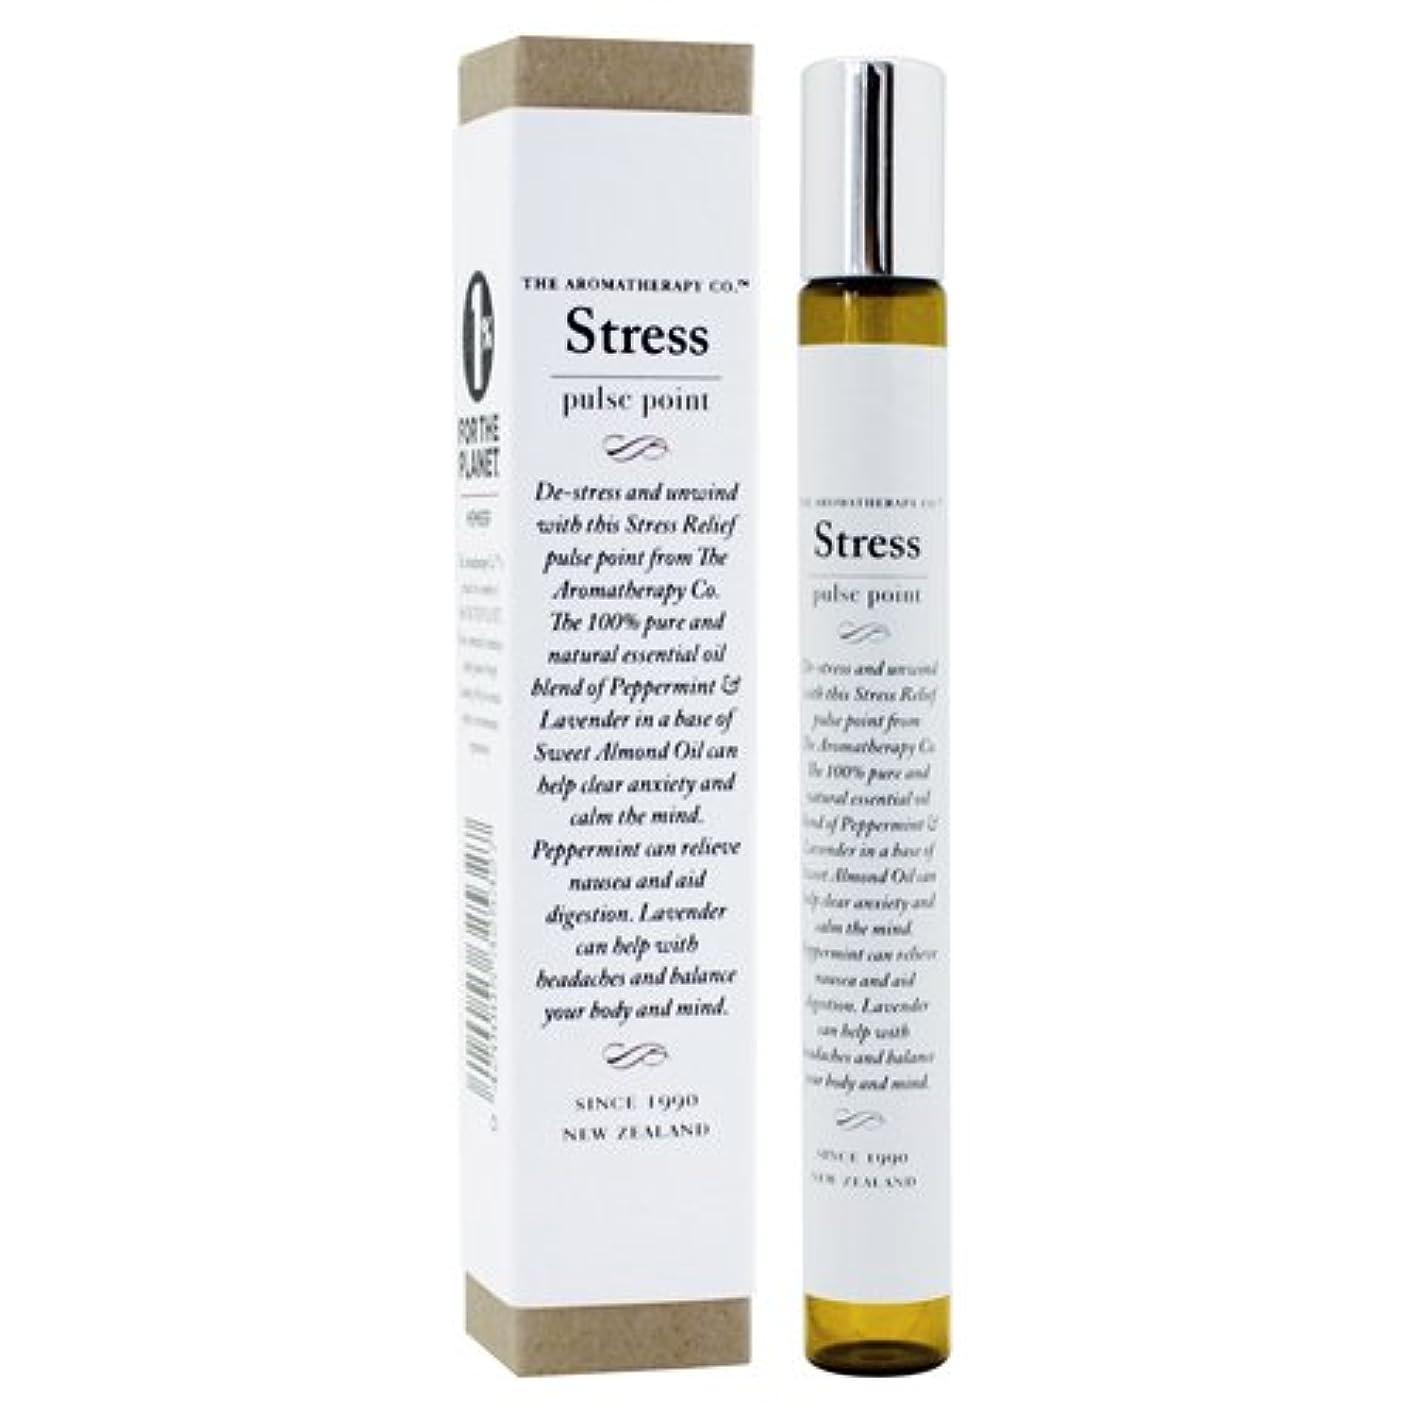 ますますスリップシューズ経験的Therapy Range セラピーレンジ Pulse Pointパルスポイント Stressストレス